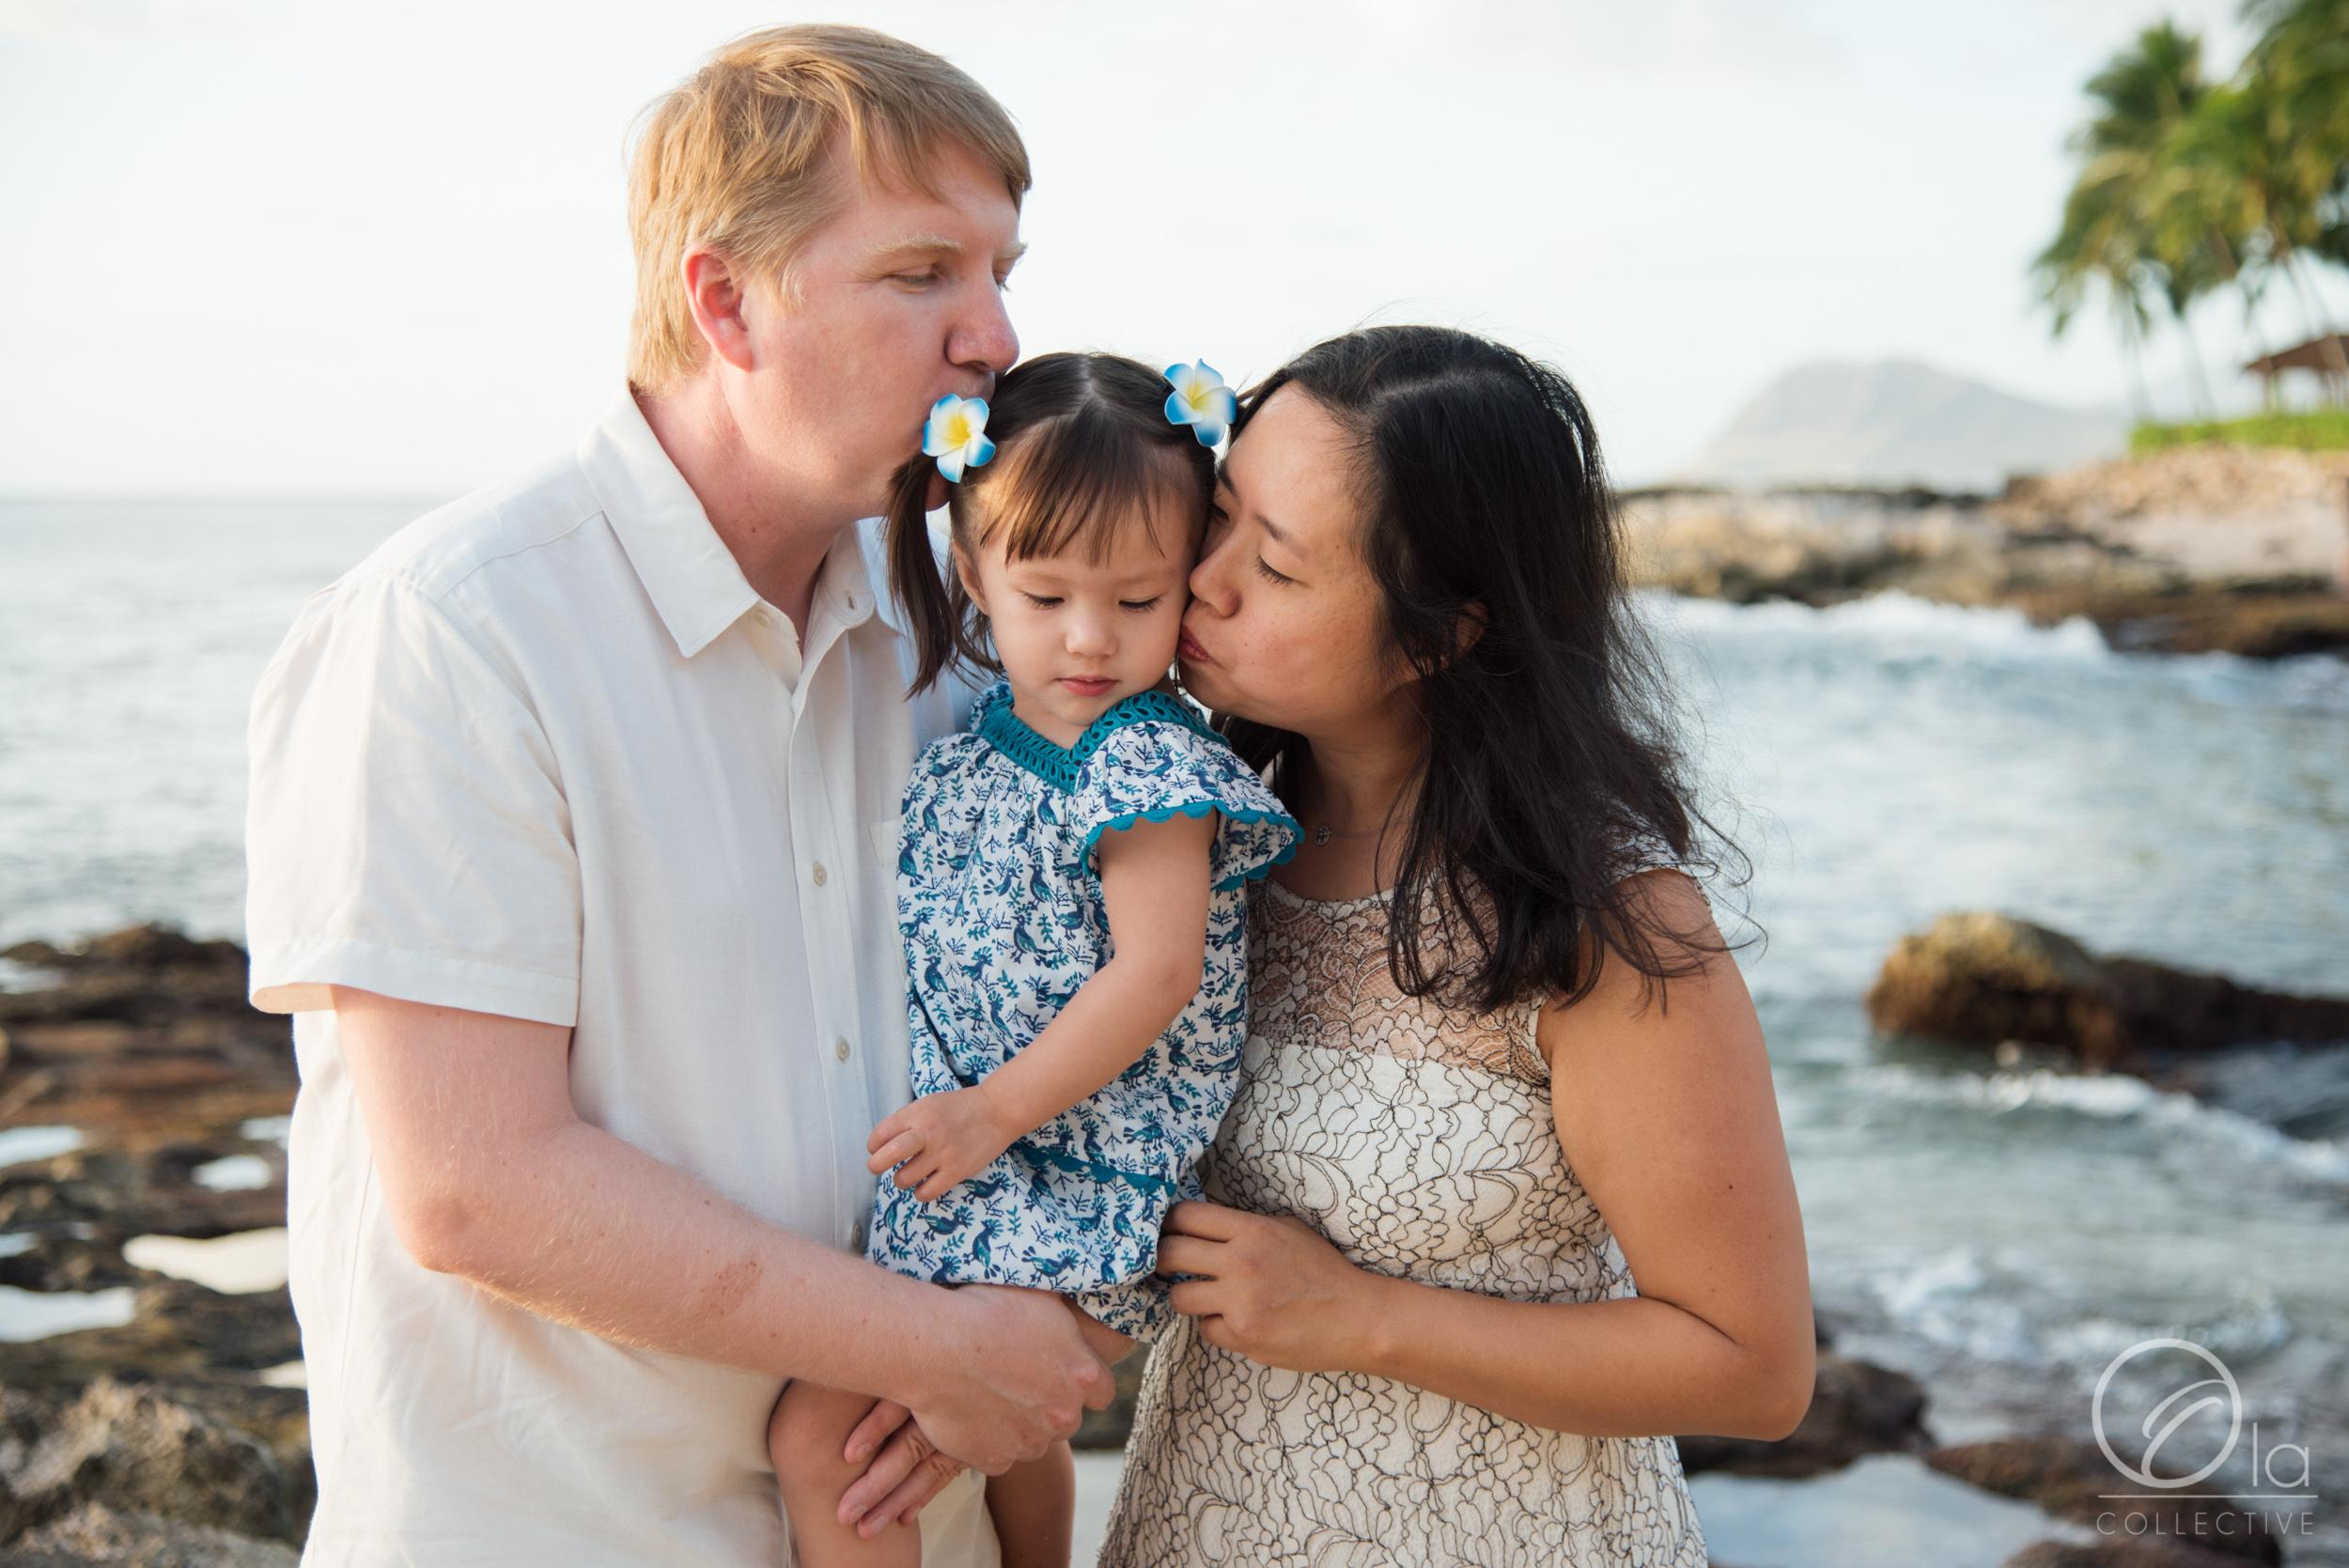 Four-Seasons-Oahu-Family-Photographer-Ola-Collective-9.jpg